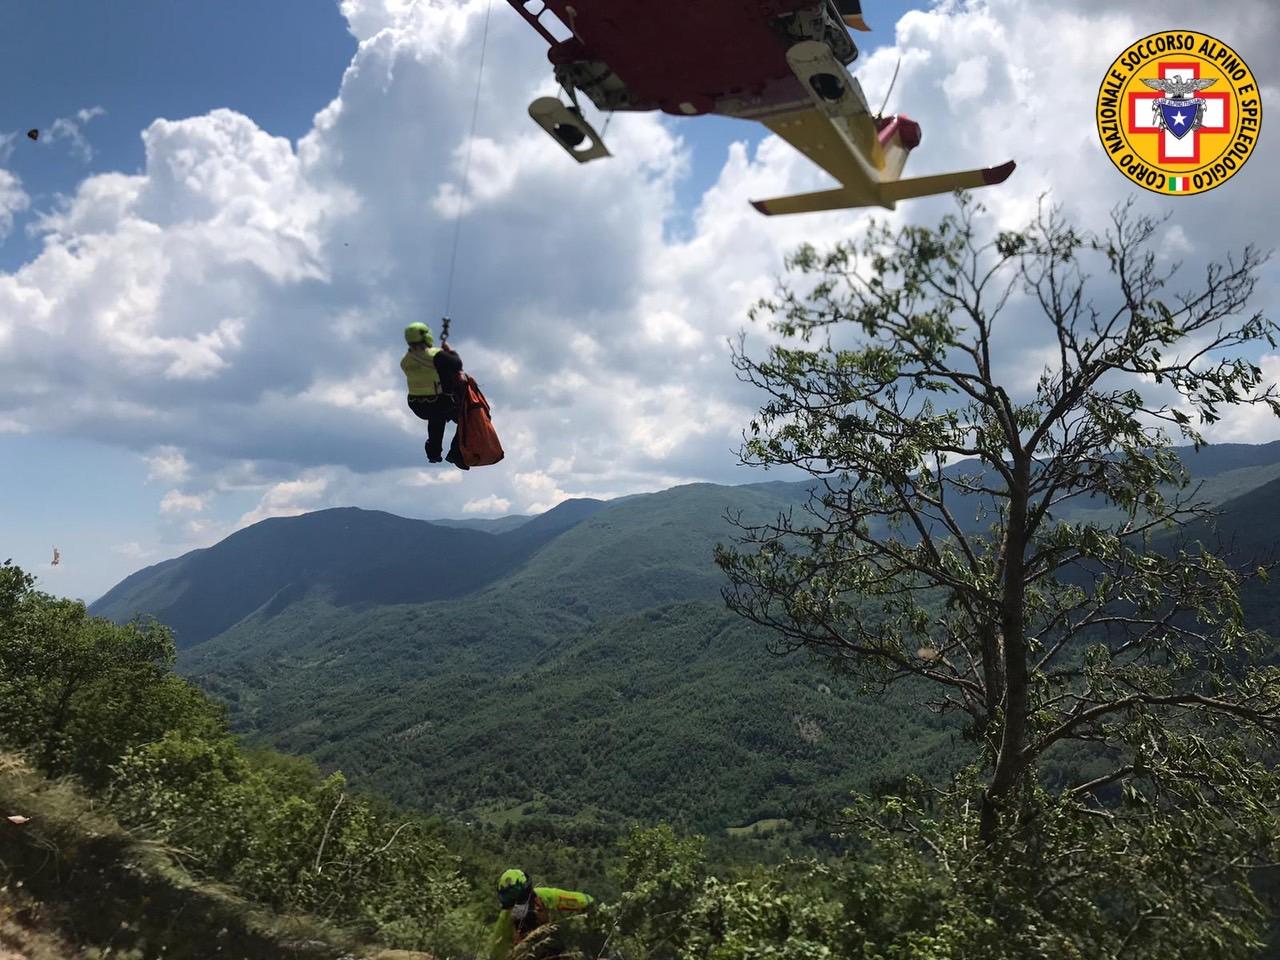 Castellafiume, incidente in falesia: climber precipita sulle rocce ma sta bene